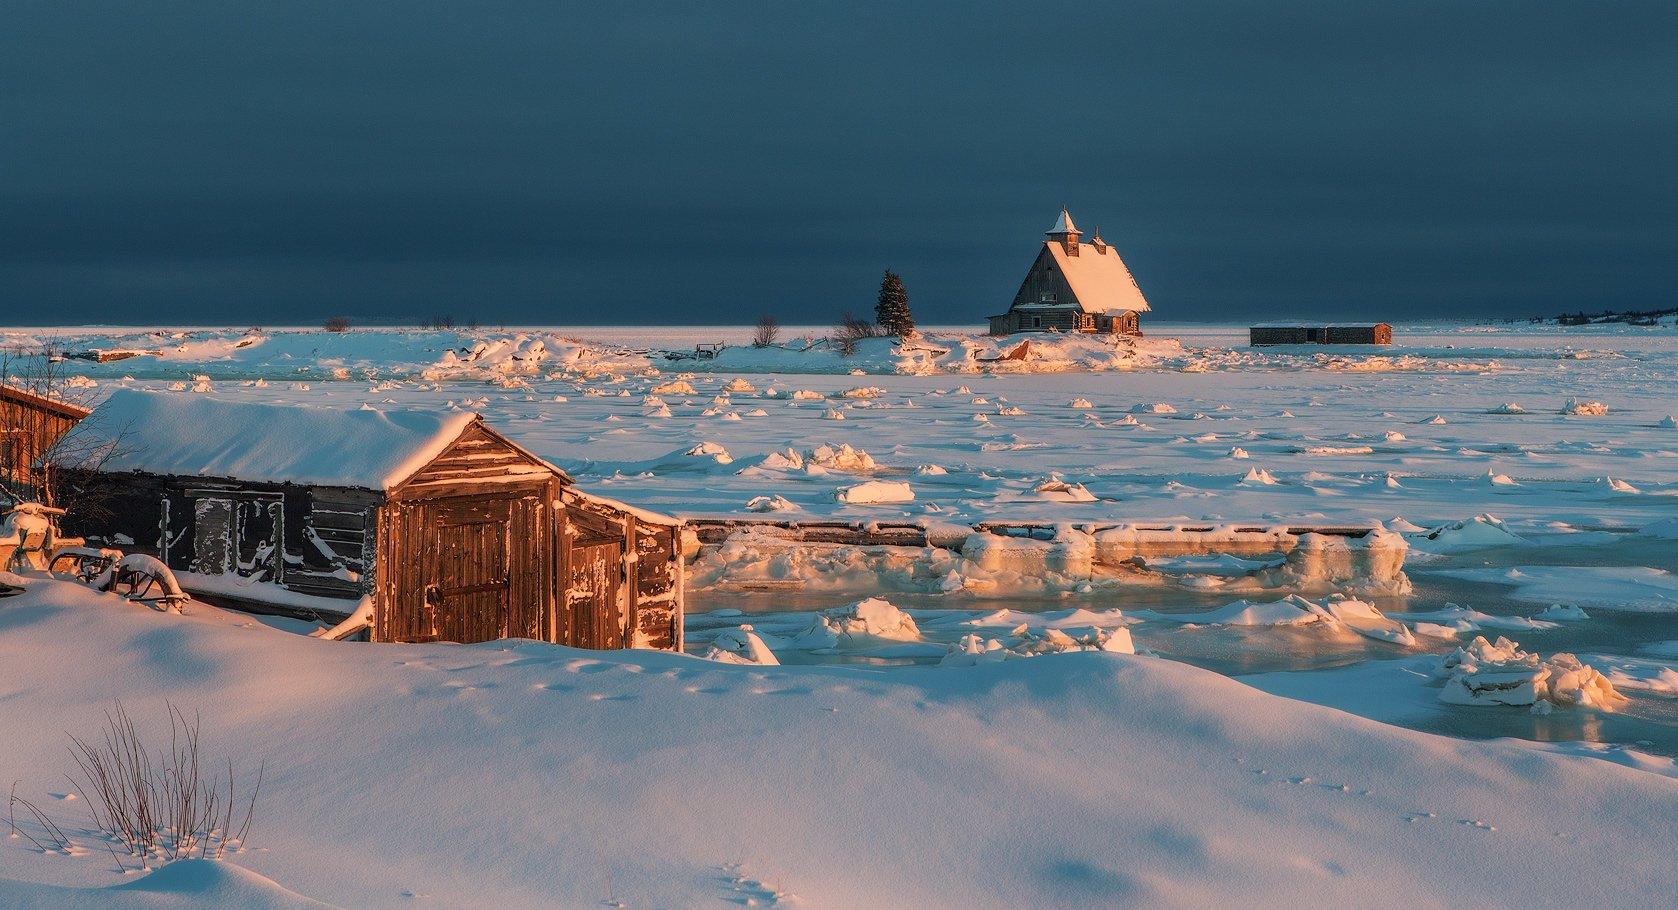 рабочеостровск, остров, белое море, Vladimir Lipetskih